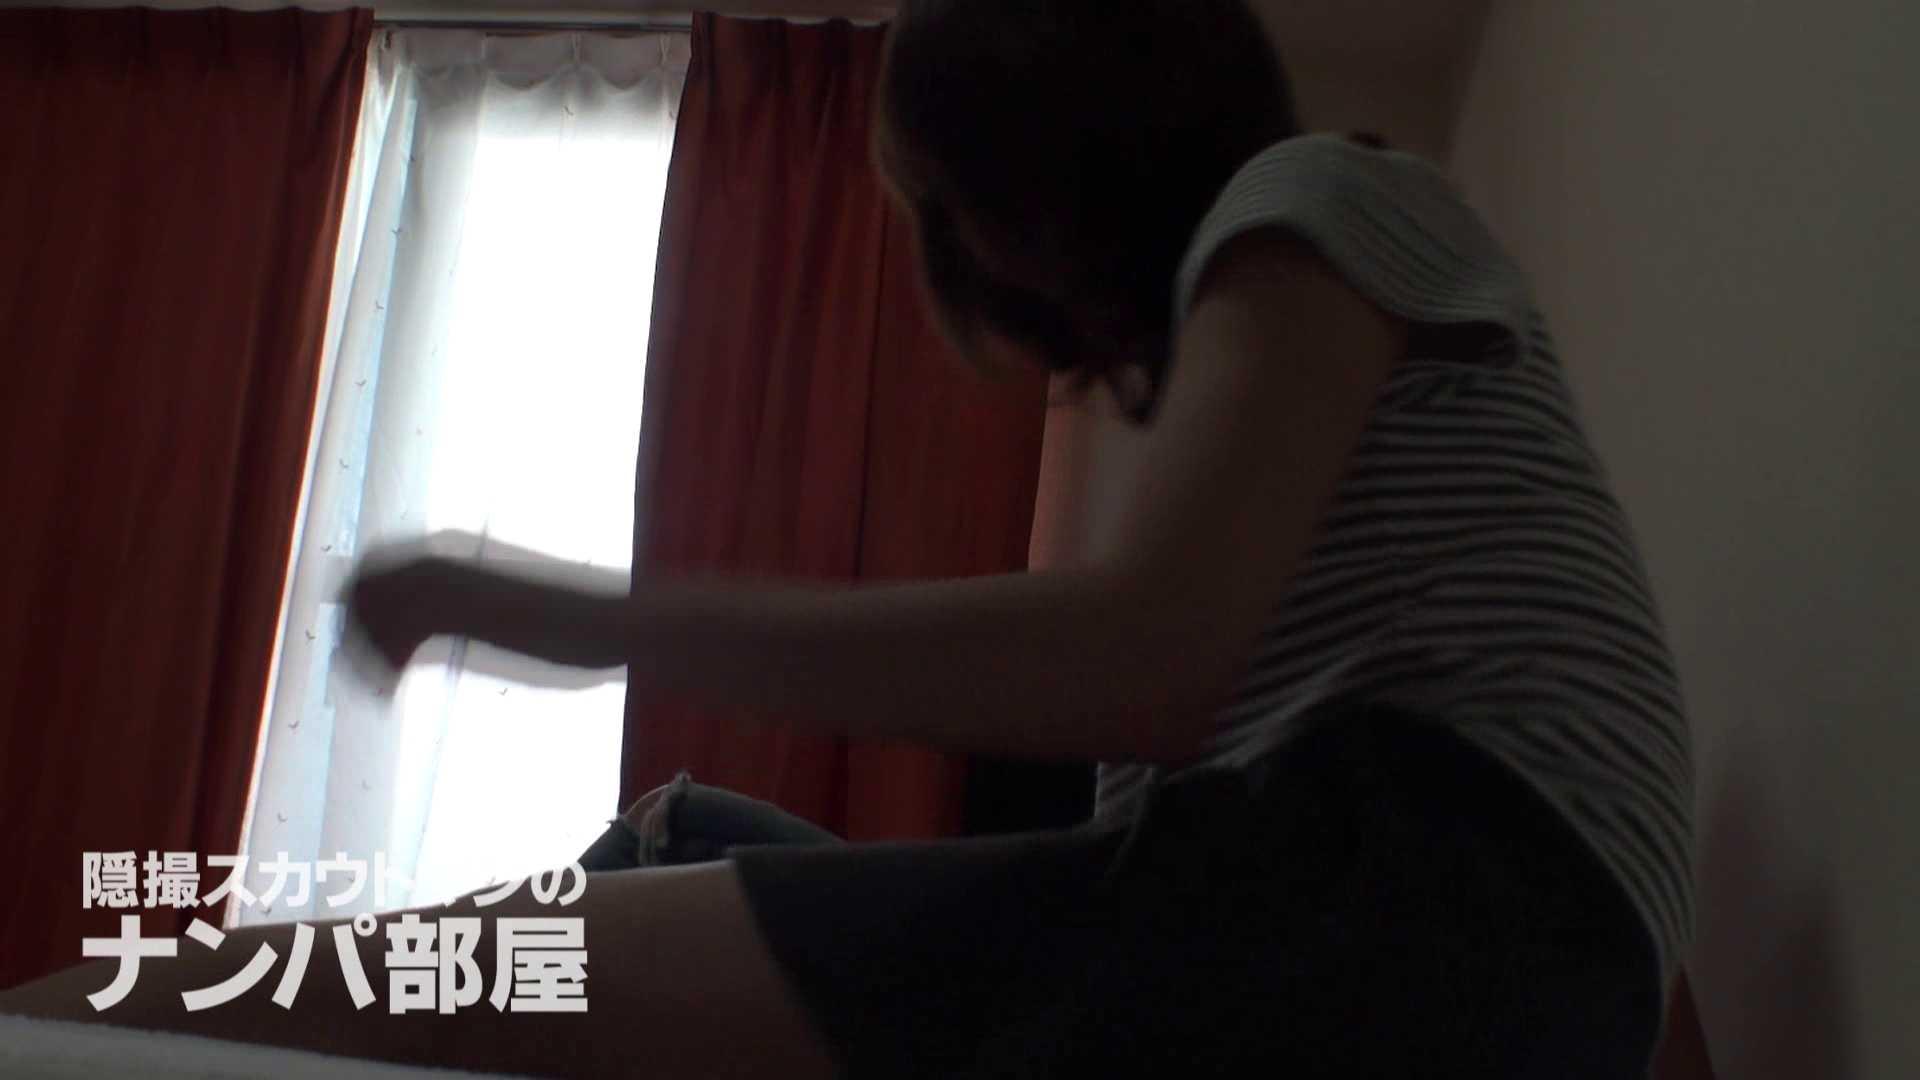 隠撮スカウトマンのナンパ部屋~風俗デビュー前のつまみ食い~ siivol.3 SEX  76pic 36